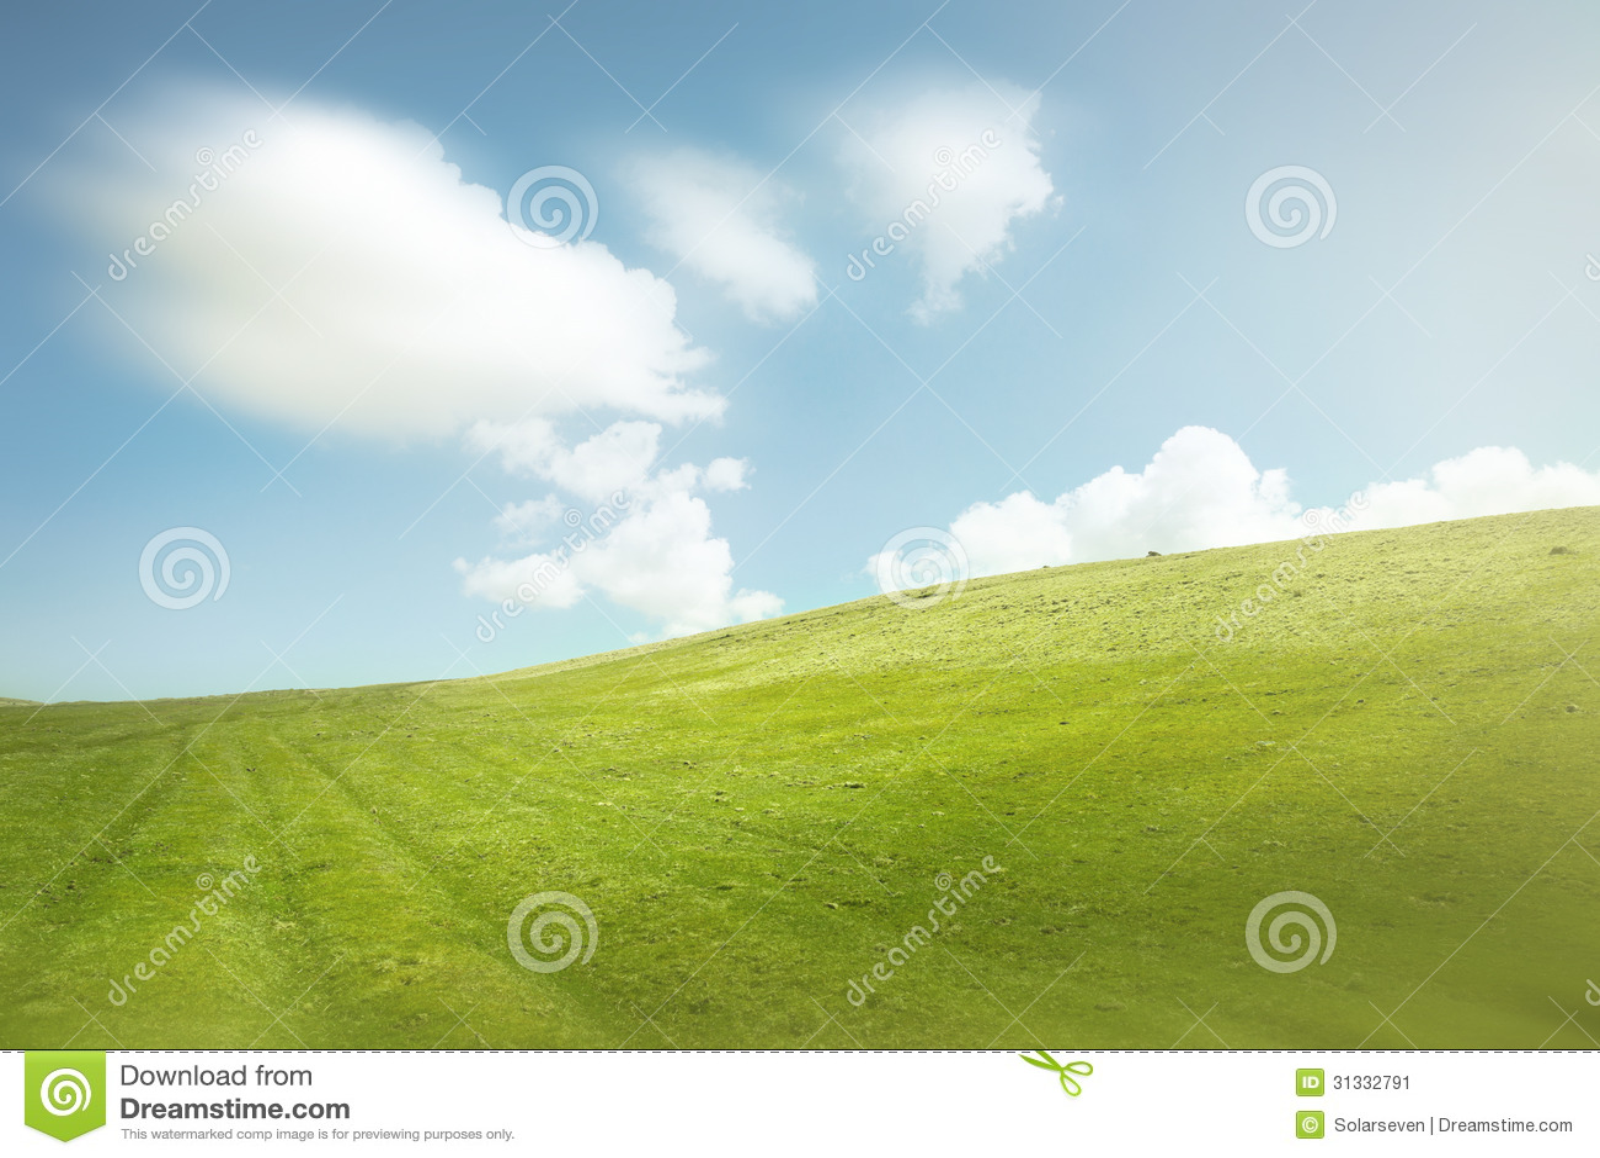 蓝天和青山